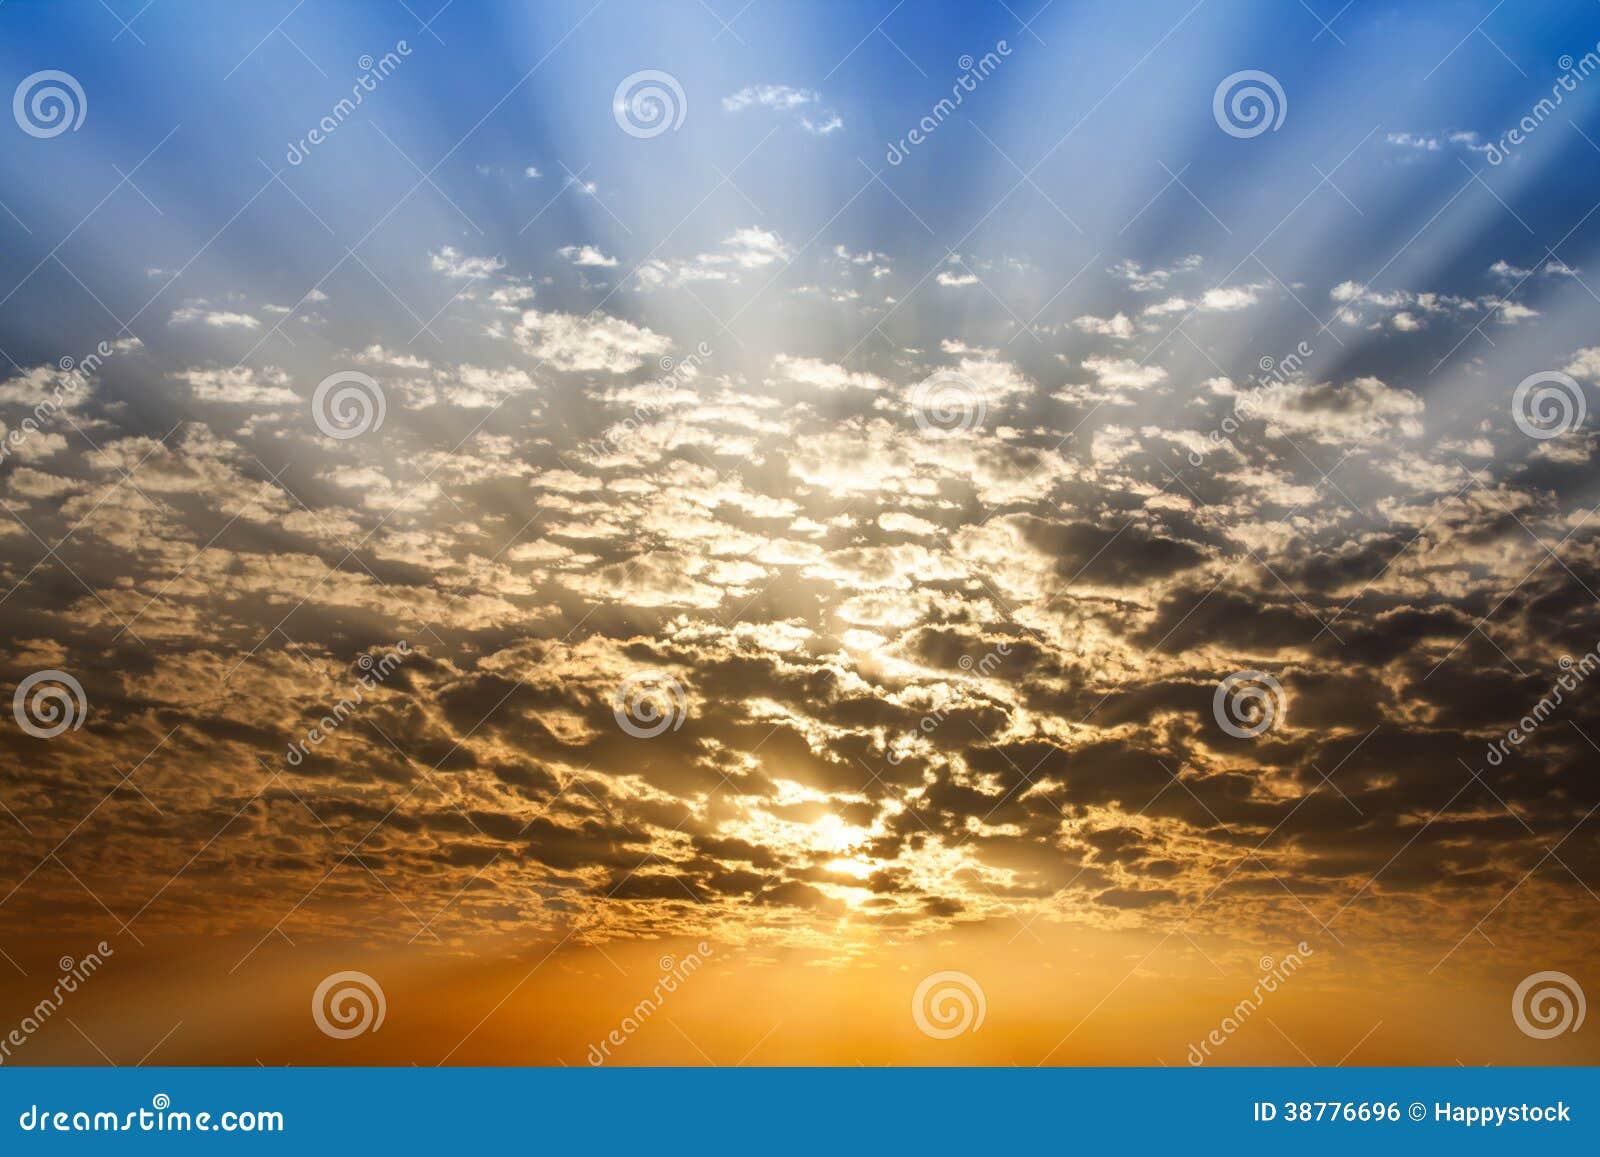 Rayo de sol a través del cielo azul y anaranjado de la nube